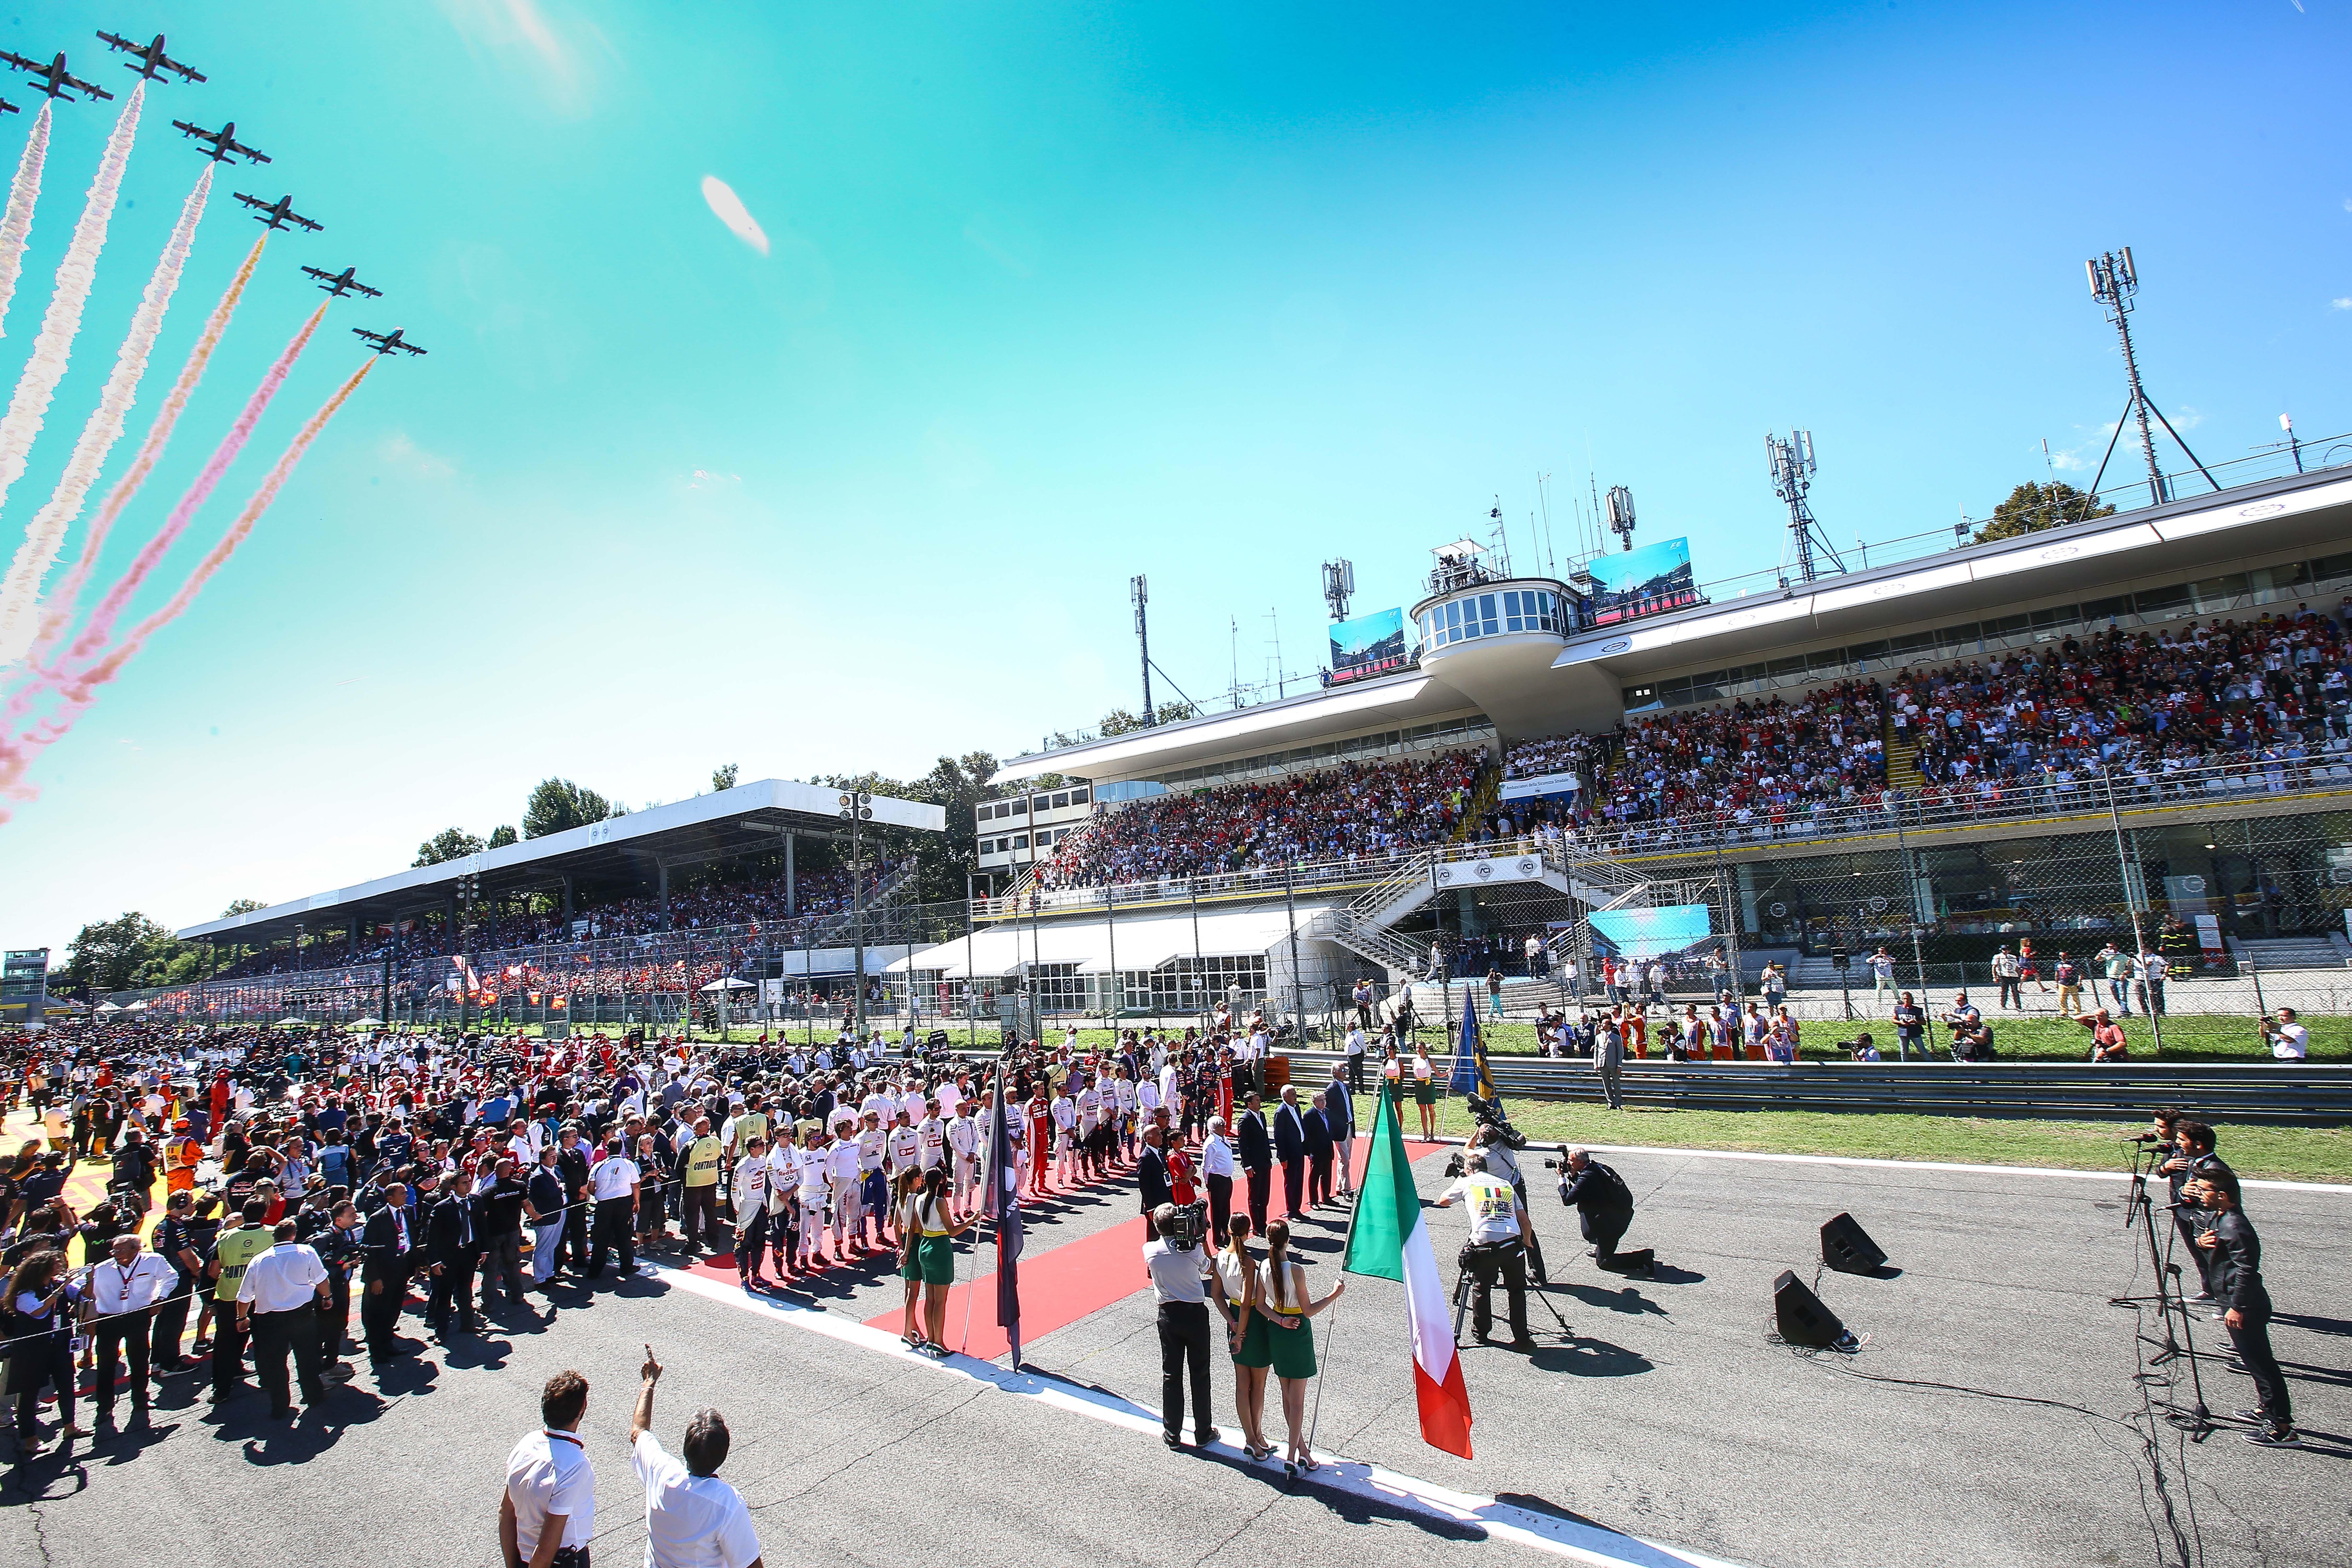 Bilancio positivo per Monza e l'Autodromo